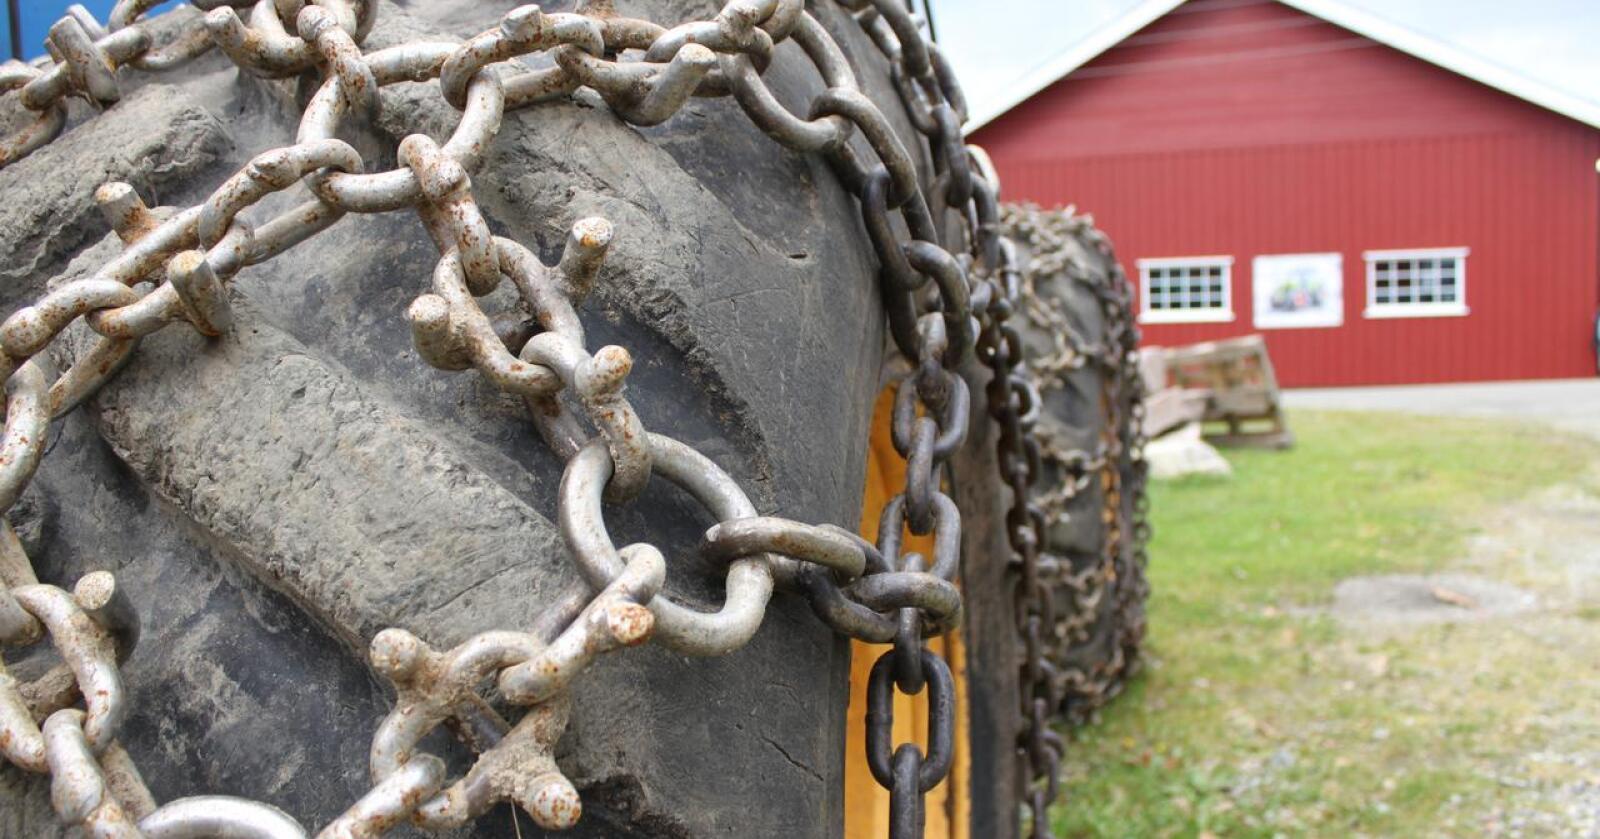 Retur: Nå kan du snart returnere gamle kjettinger og få rabatt om du skal handle nye. Arkivfoto: Traktor